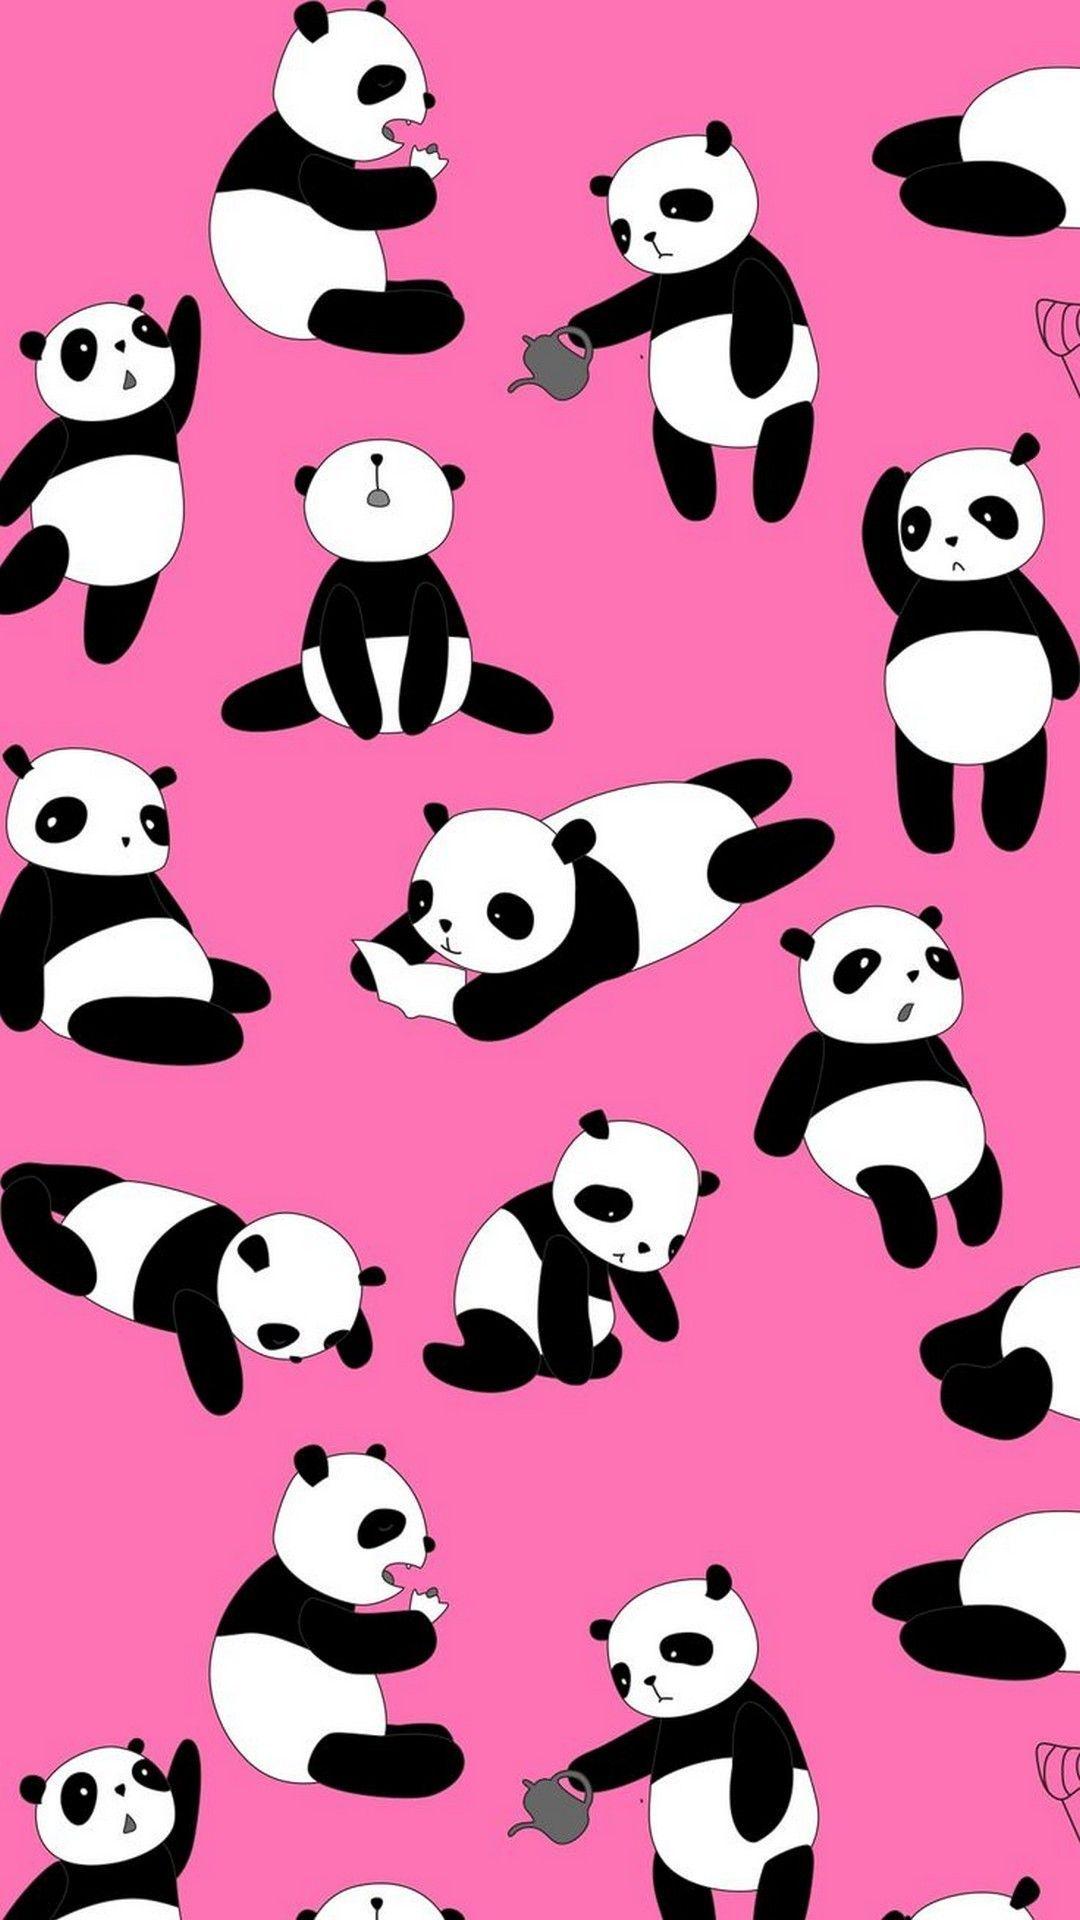 40 pink panda.